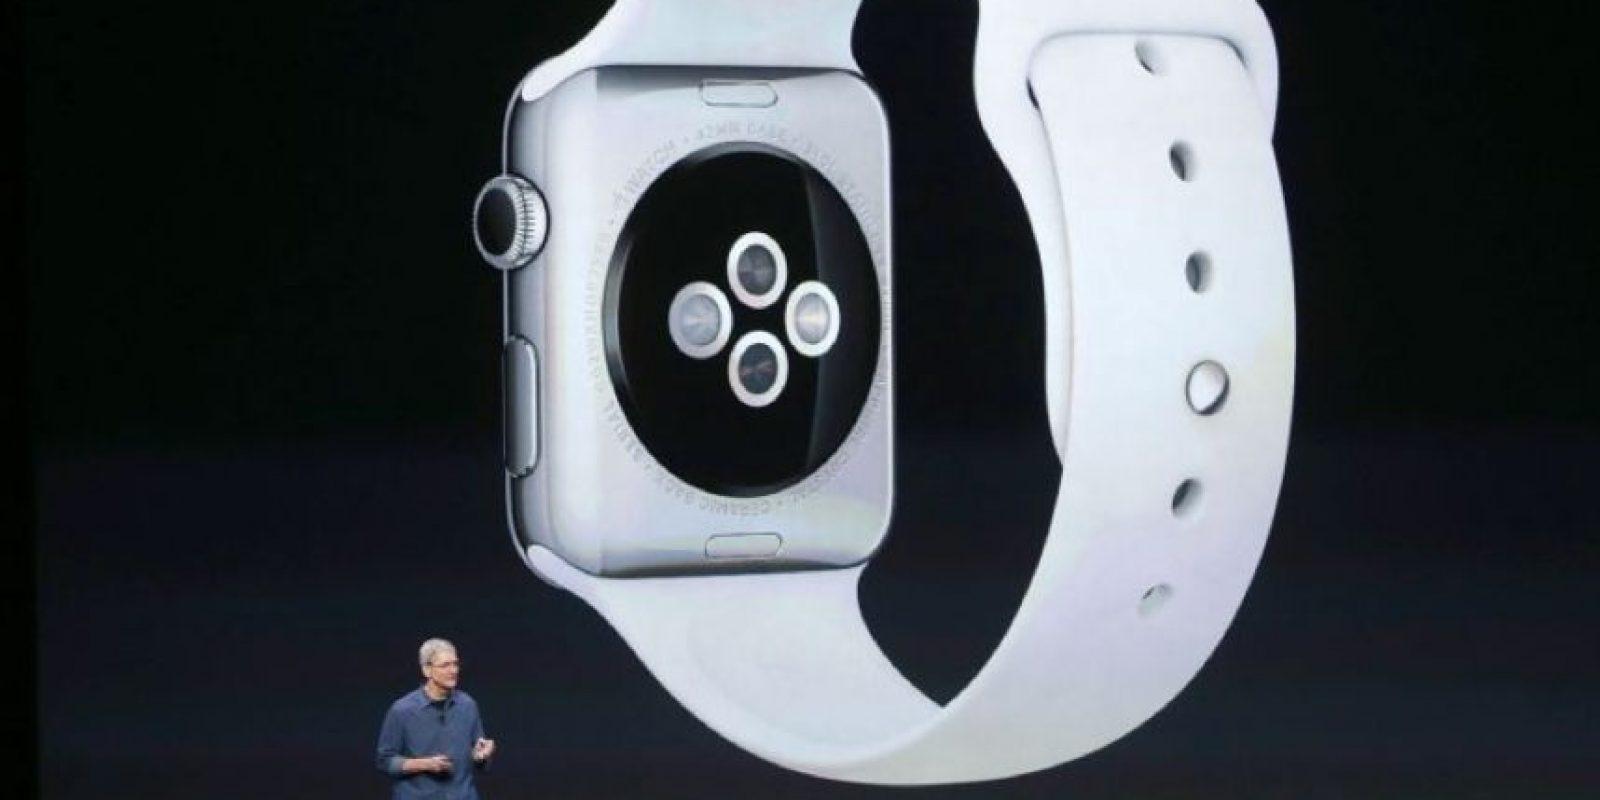 El administrador de la batería cuesta 5.50 dólares. Foto:Apple